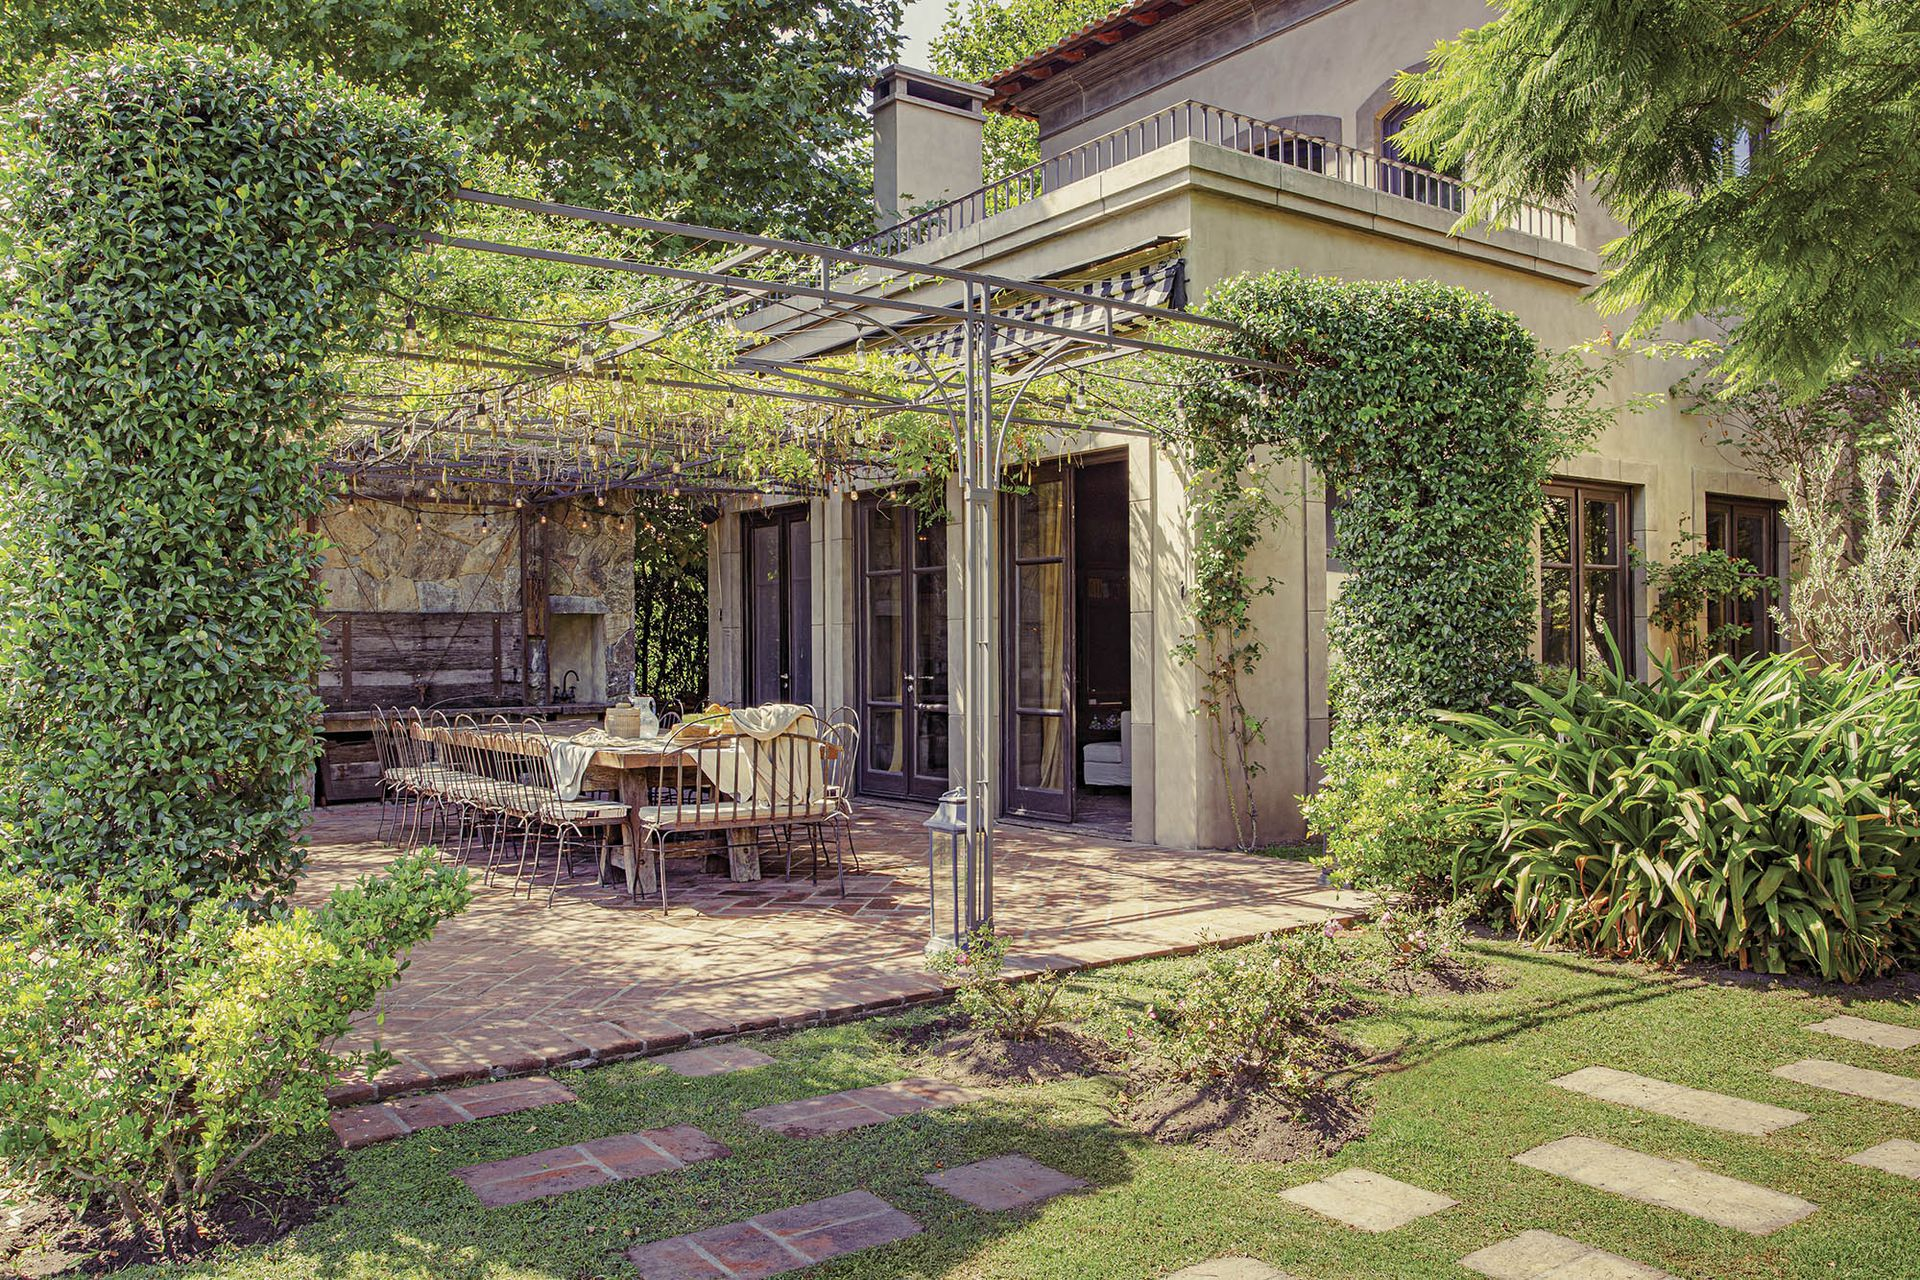 Bajo la pérgola de hierro se ubicó la mesa con tapa de durmientes de pino tea (Amighini). Sillas y sillones de hierro (Bielfer). Los pisos son de ladrillones de Córdoba.